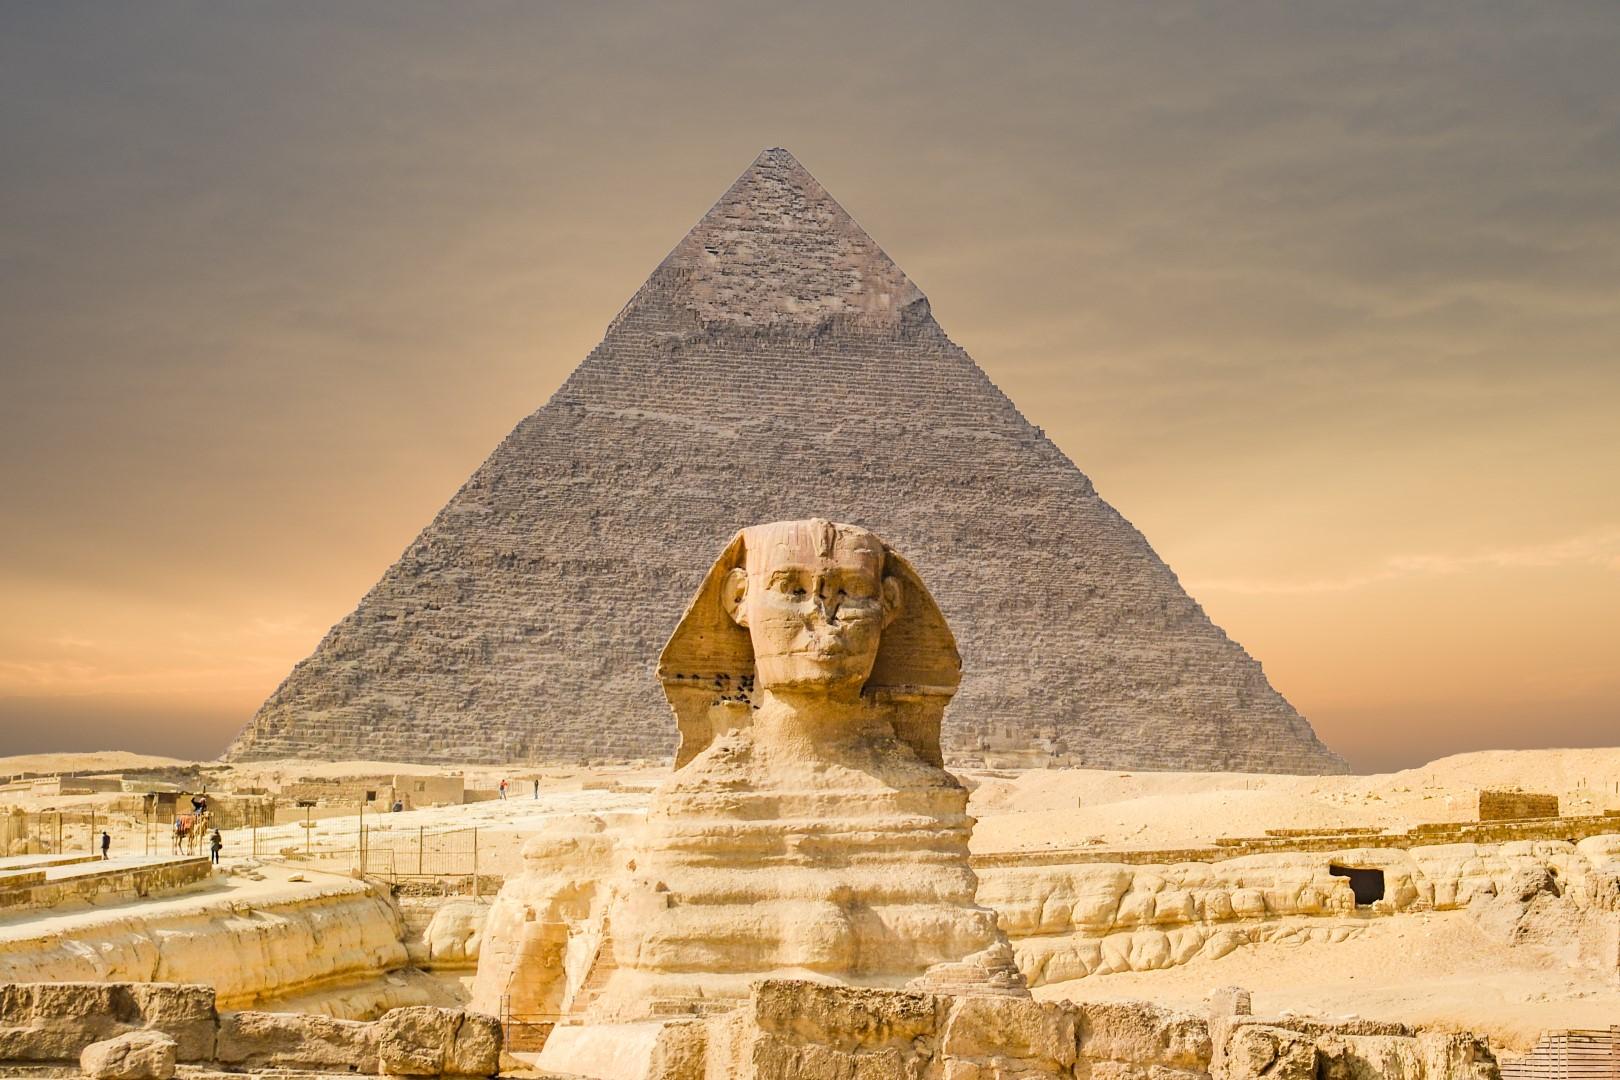 """8 μέρες / 7 νύκτες """"Τρείς Ήπειροι"""" Πόρτ Σάιντ - Κάιρο - Πυραμίδες - Ασντοντ - Ιερουσαλήμ - Λεμεσός - Ρόδος - Κουσάντασι 2021 & 2022 15"""